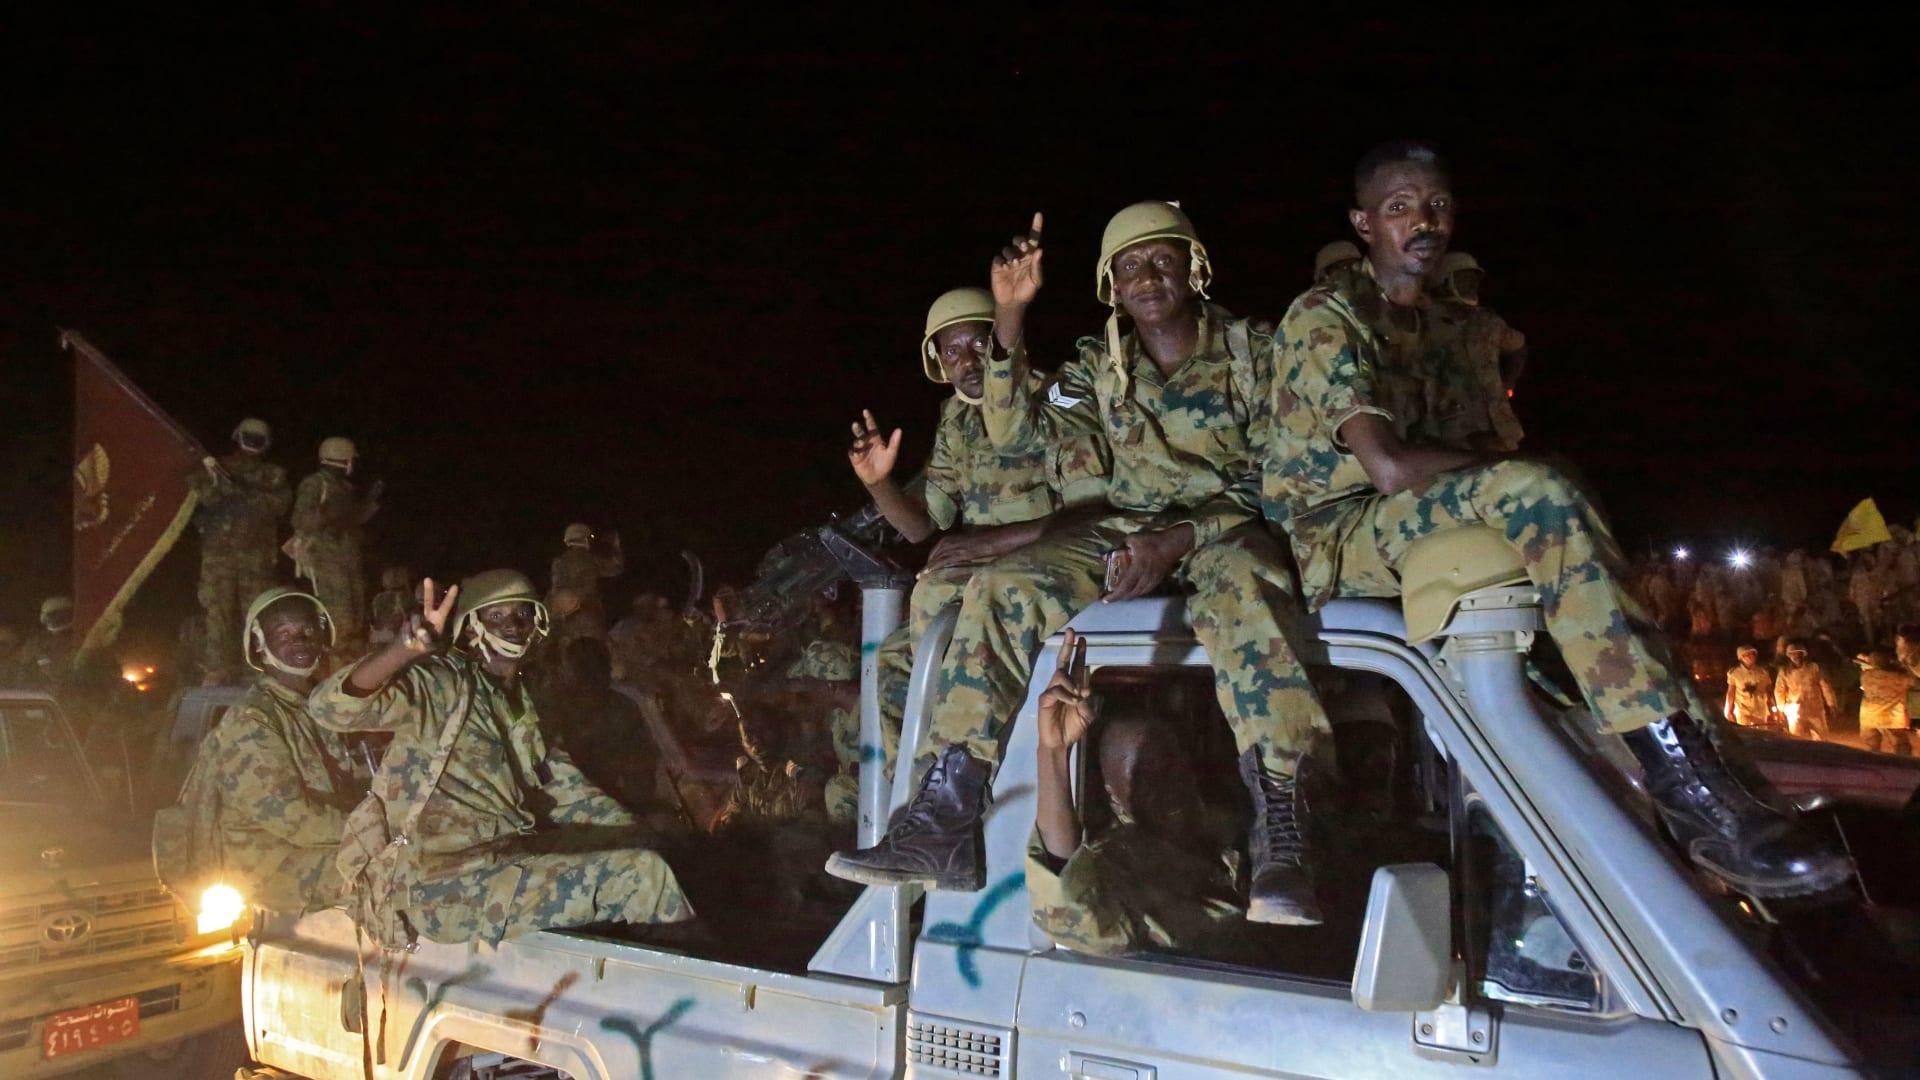 الجيش السوداني يعلن تصديه لهجوم قوات إثيوبية شرقي نهر عطبرة: كبدناهم خسائر كبيرة